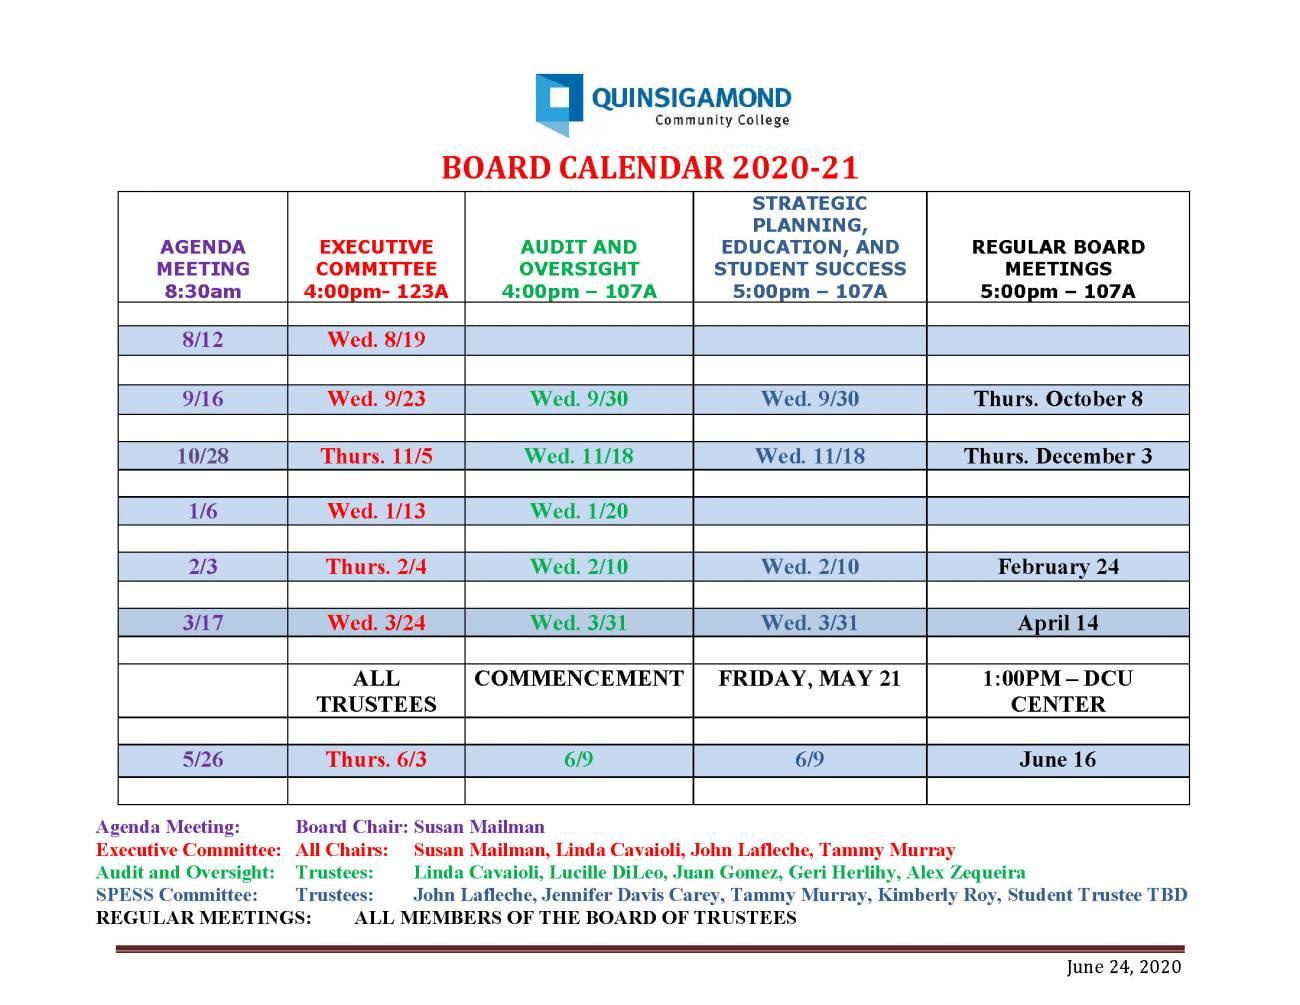 board_calendar_2020-2021.jpg